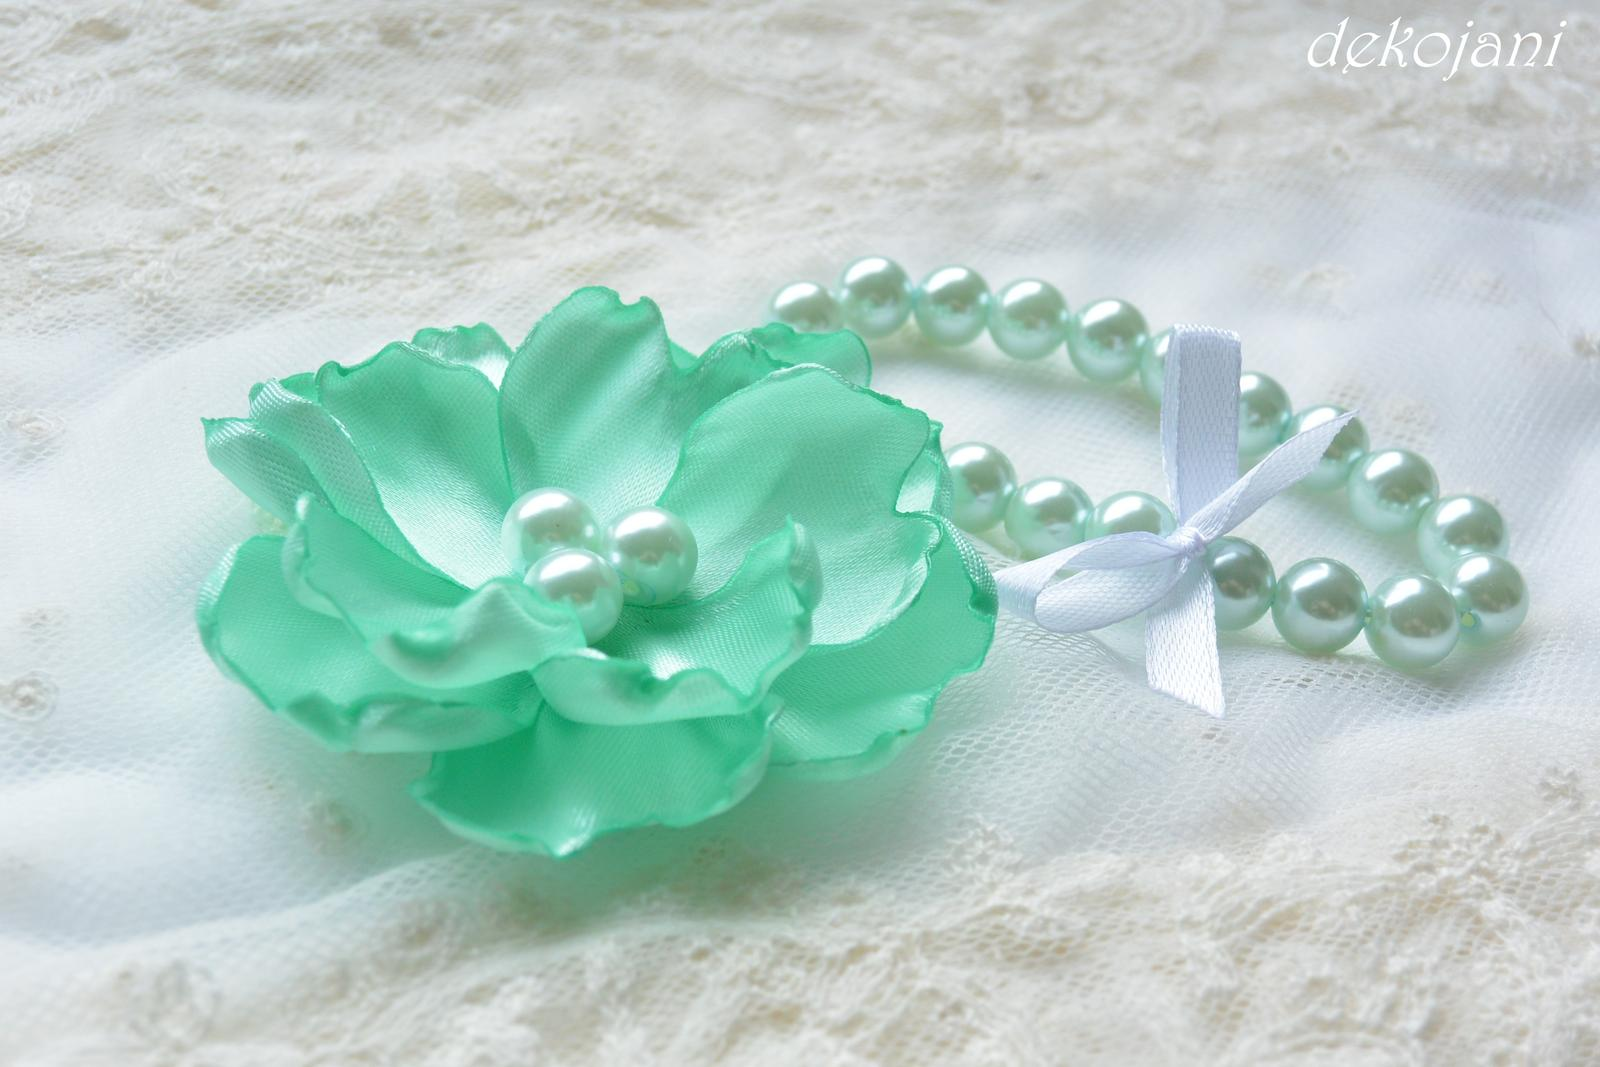 Perličkový náramek mint green - Obrázek č. 1